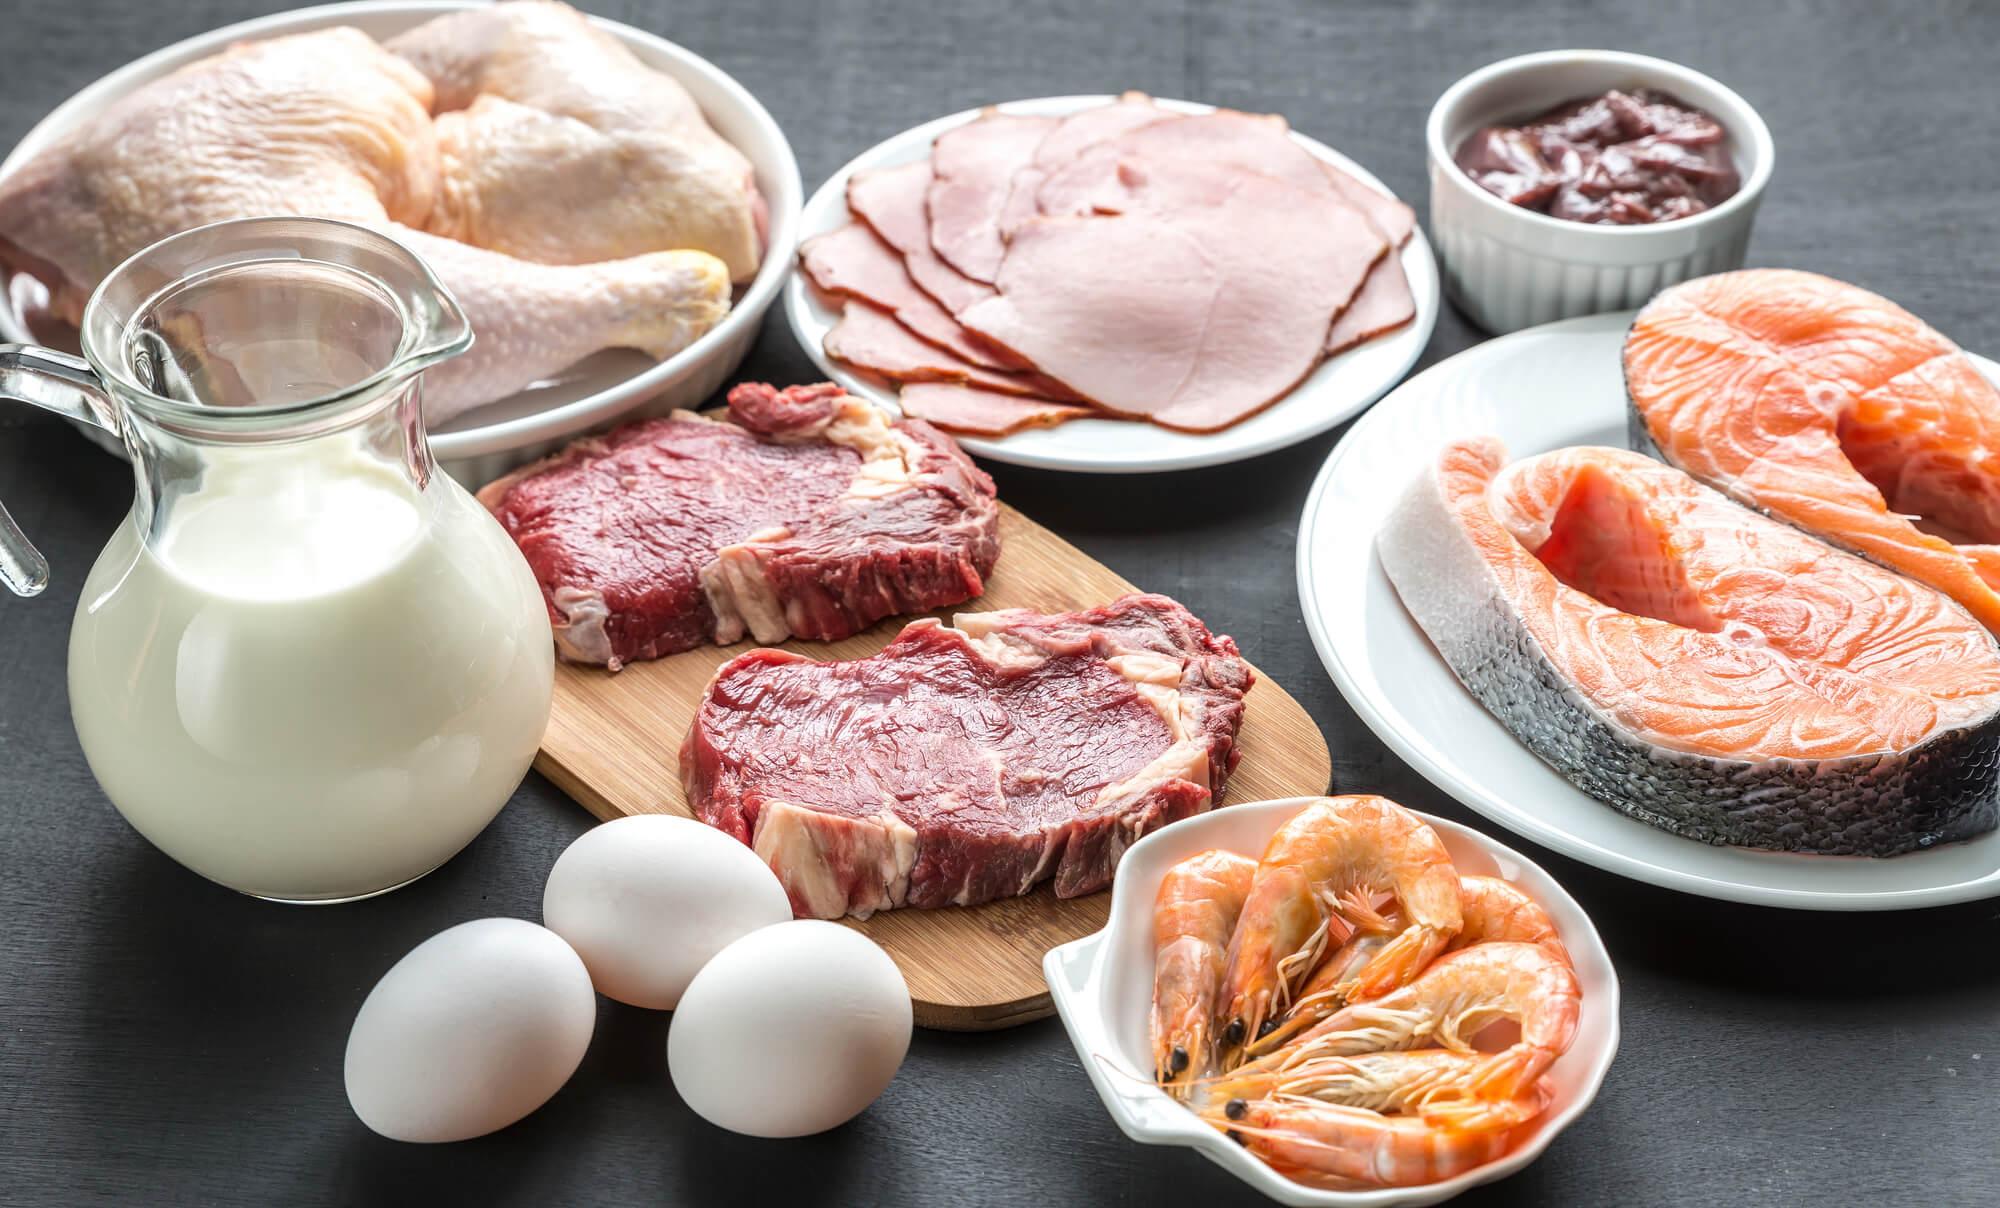 タンパク質の必要量を正しく理解してプロテイン摂取に活かそう!